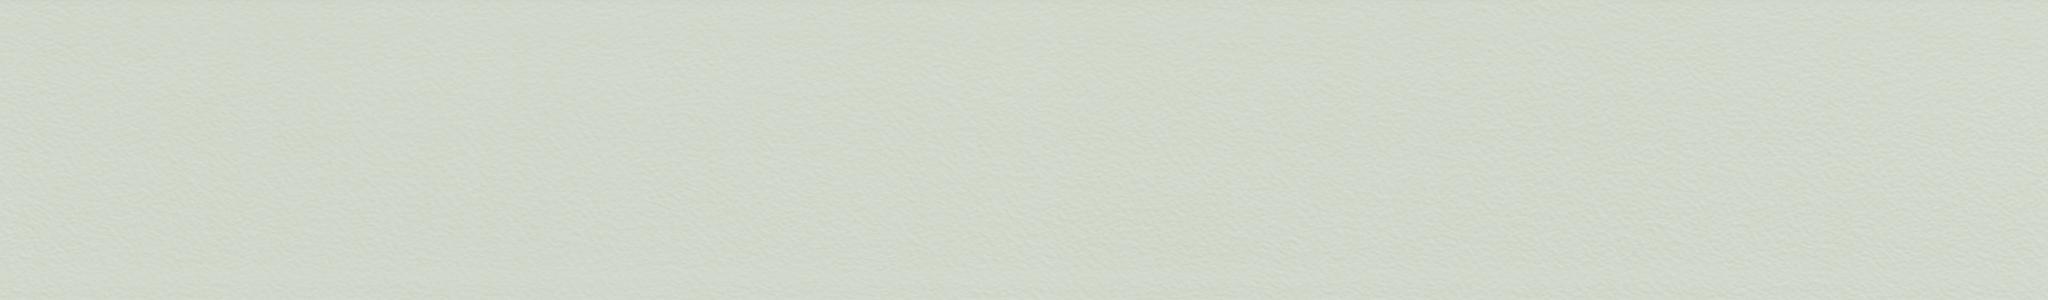 HU 169114 ABS hrana zelená šalvěj perla XG